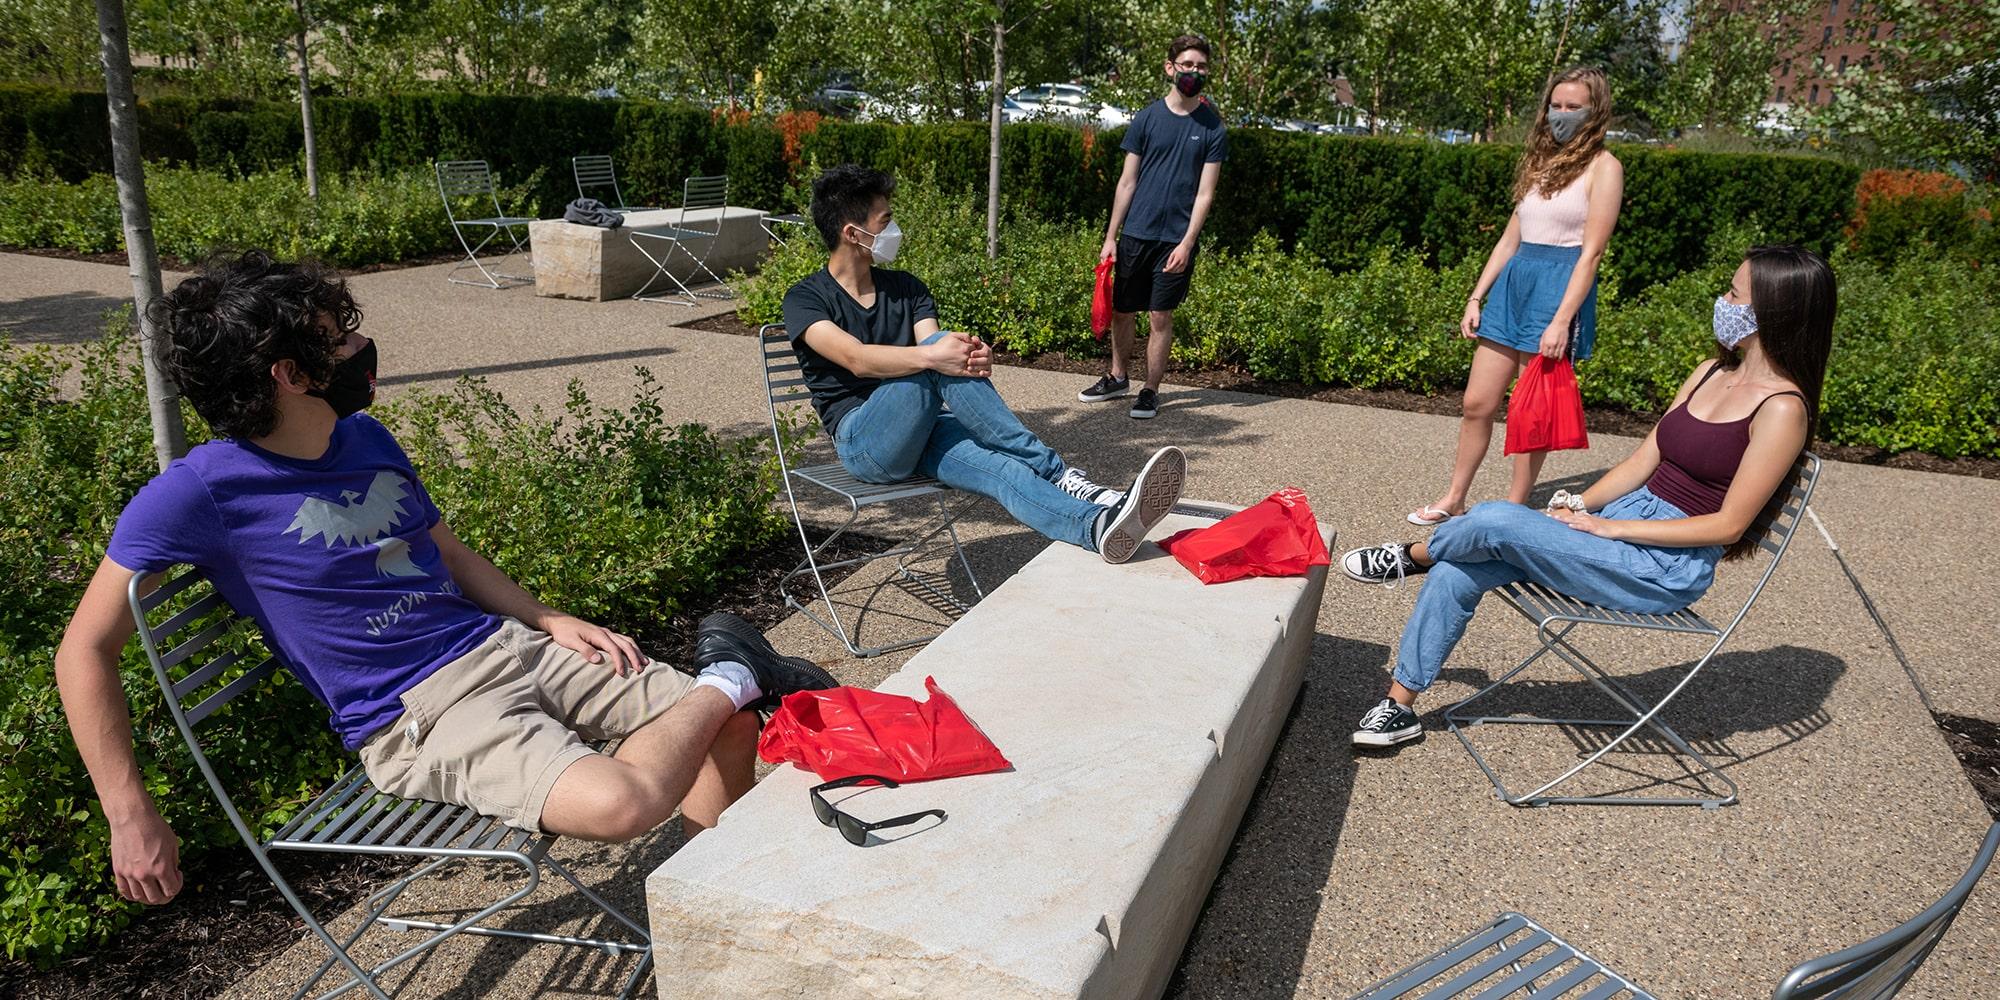 Students at Tepper Quad